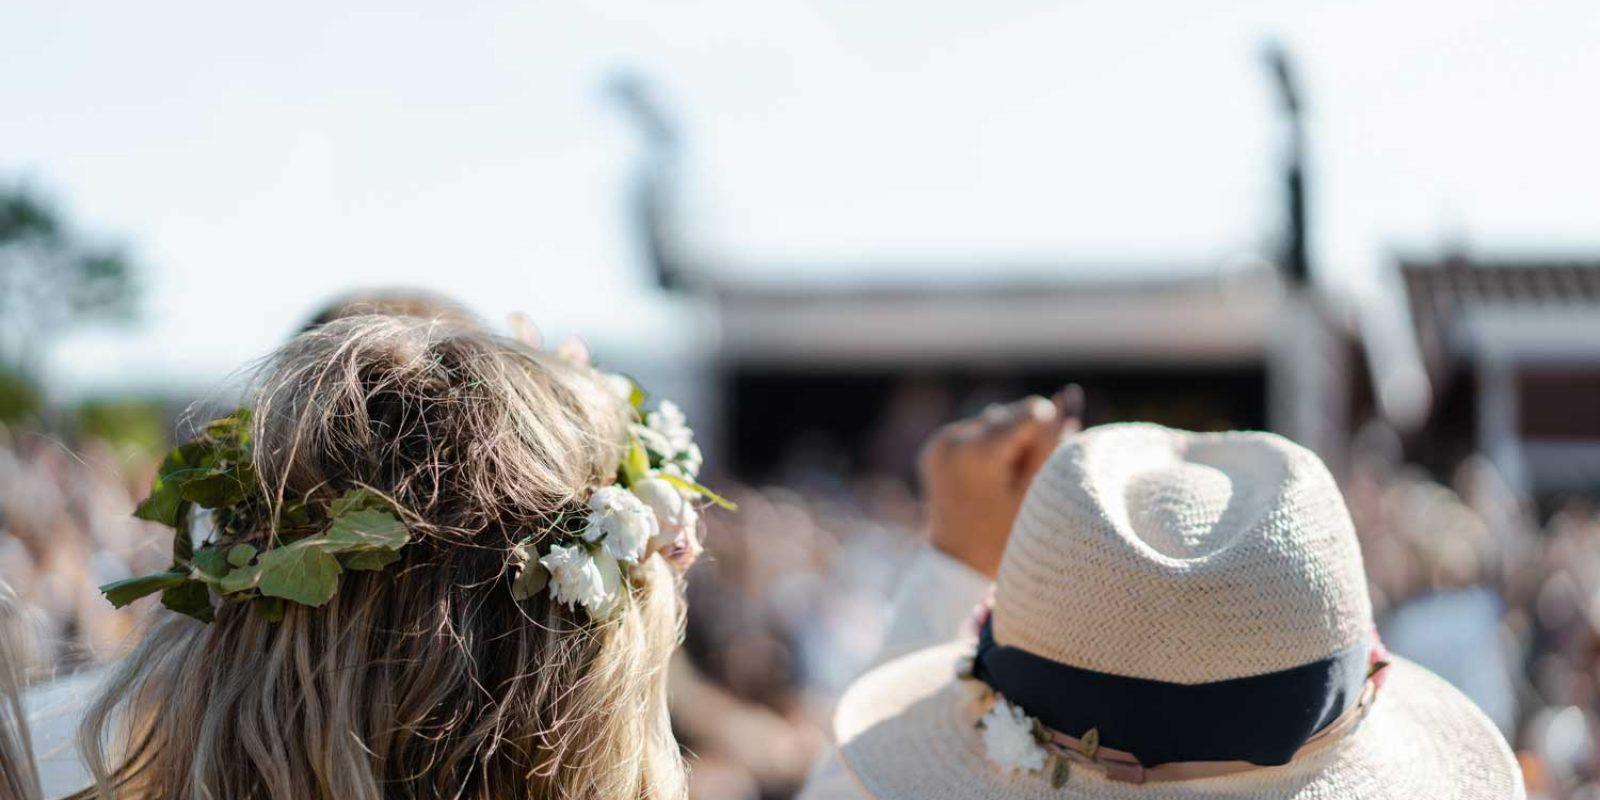 Tourists celebrating Swedish Midsummer in West Sweden